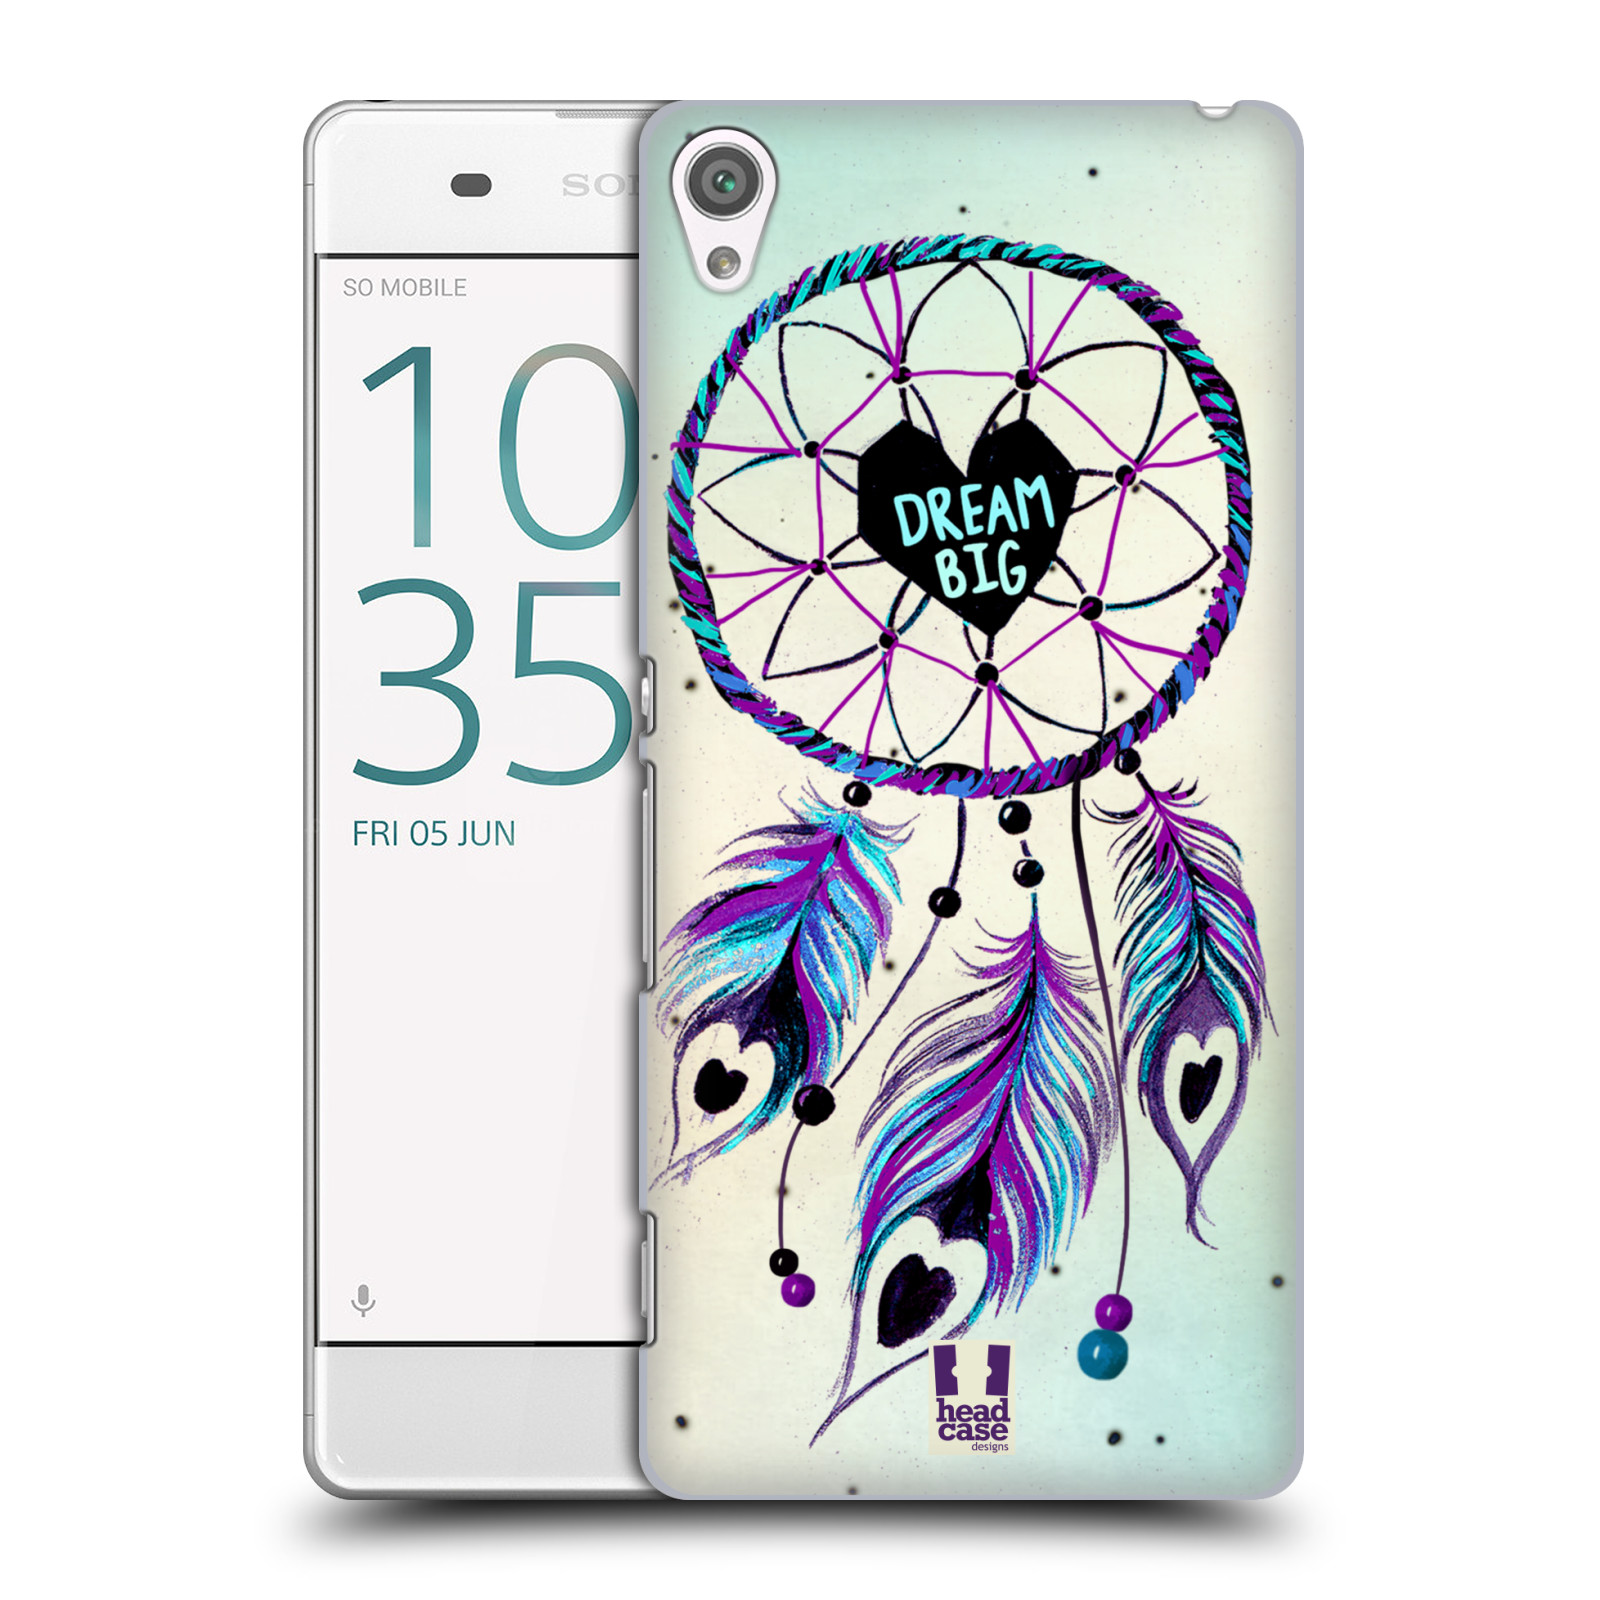 Plastové pouzdro na mobil Sony Xperia XA HEAD CASE Lapač Assorted Dream Big Srdce